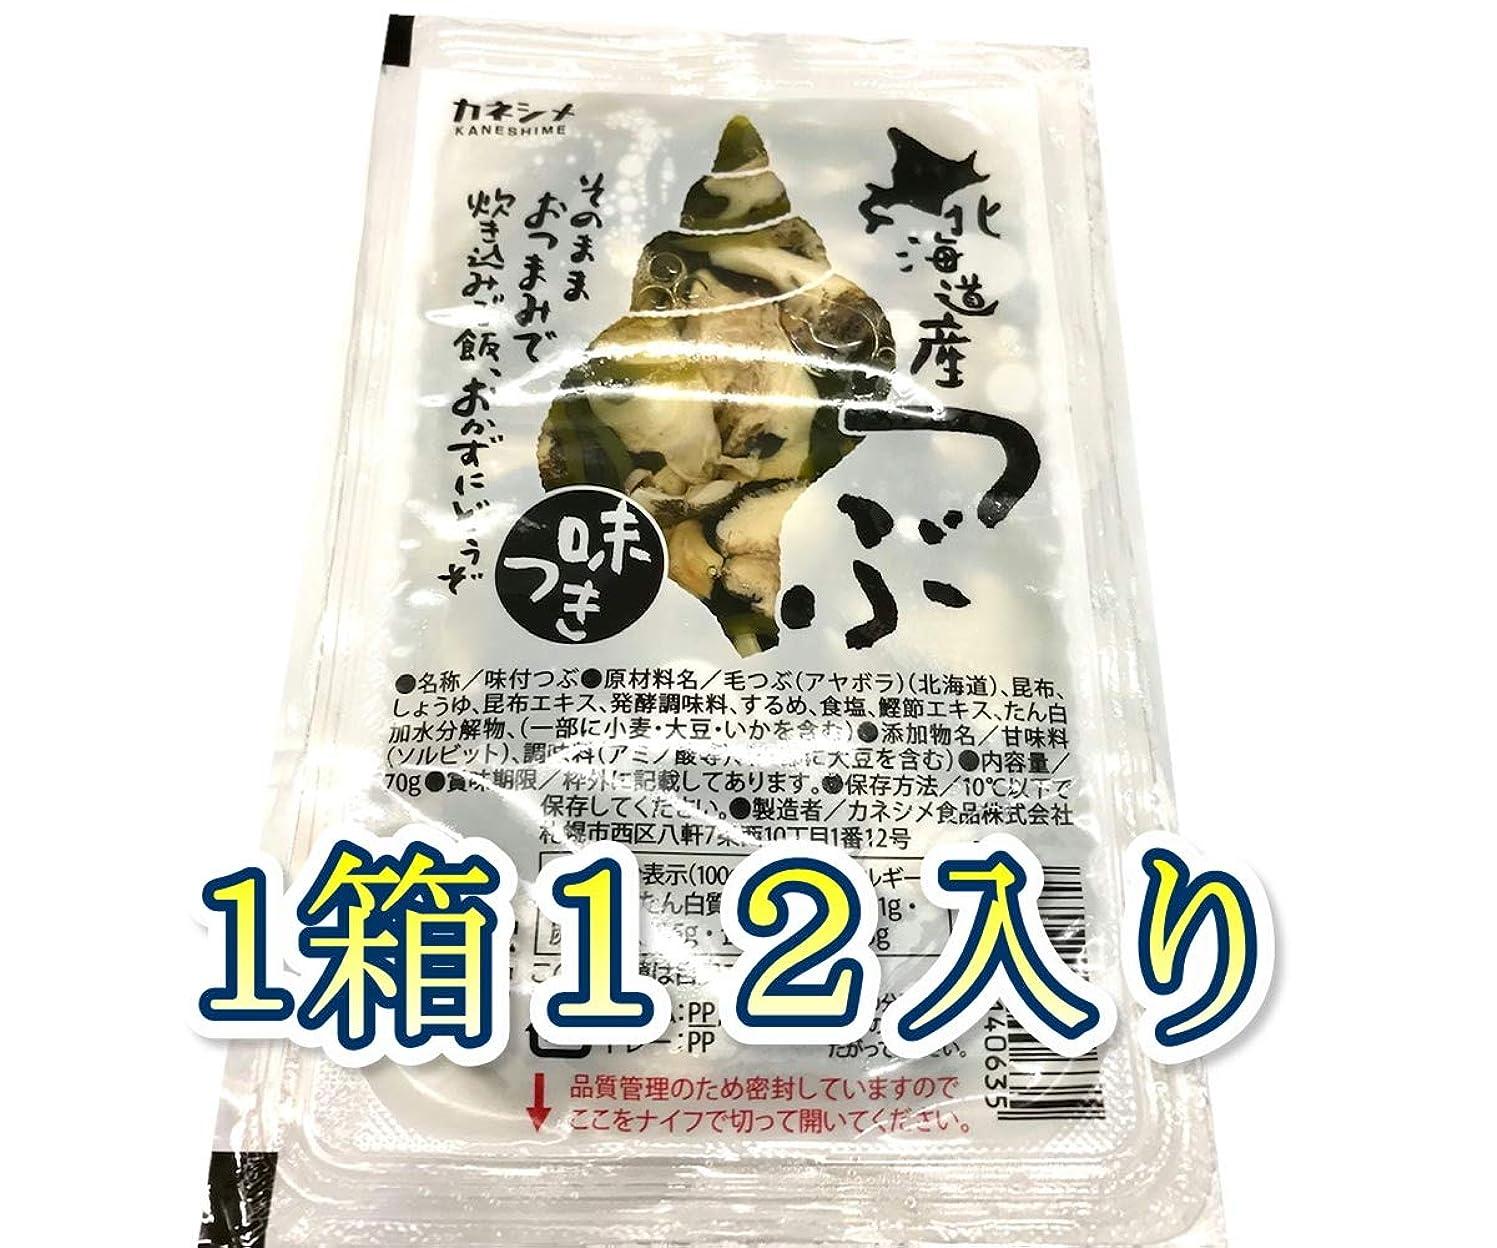 検出スタックペルー味付 つぶ貝 70g×12パック【お買い得なケース売り?北海道産】おつまみ?付け合せにご利用ください。